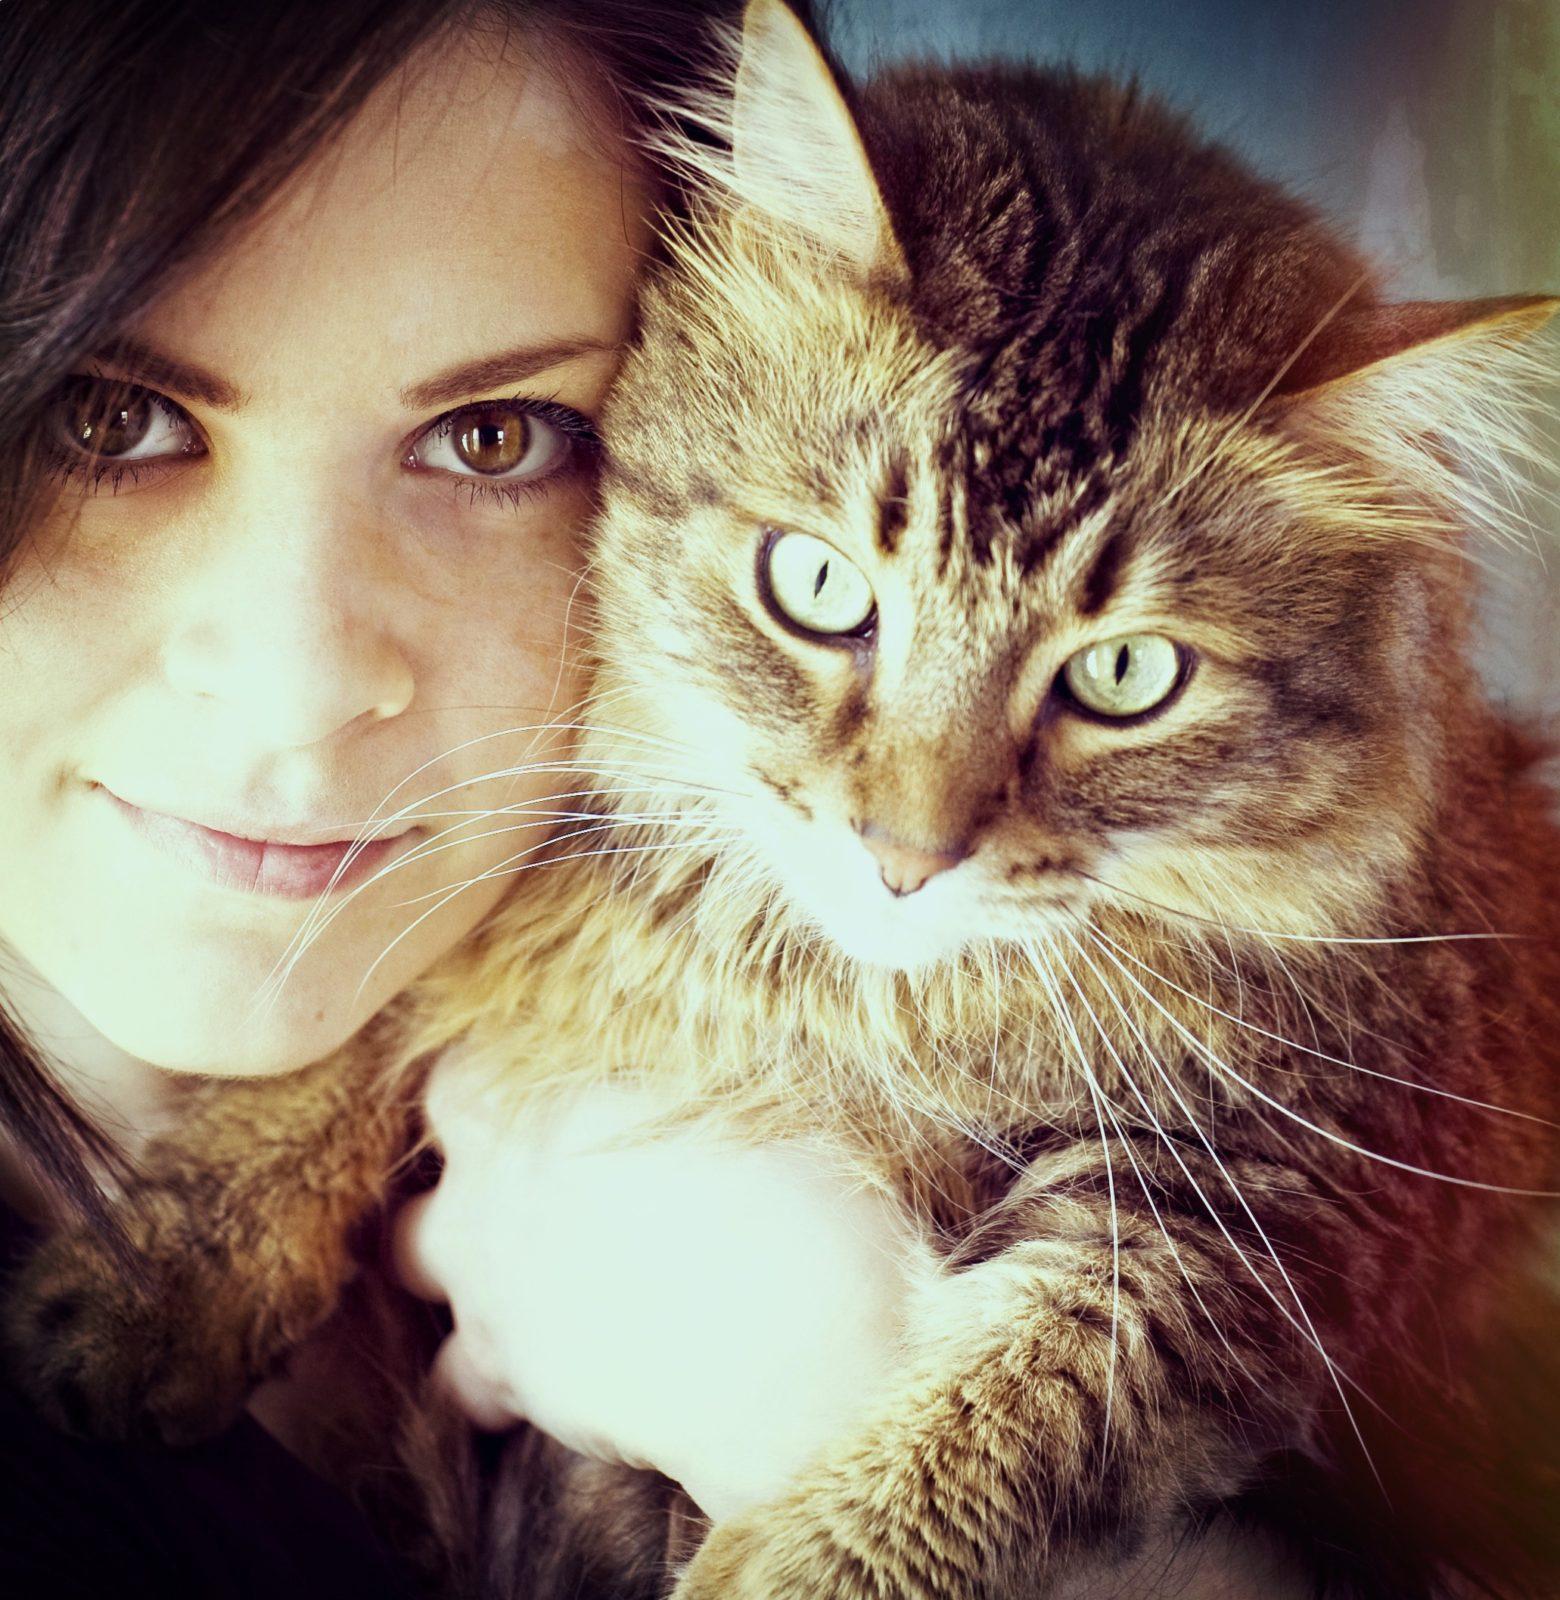 Instagram photo of girl holding her cat